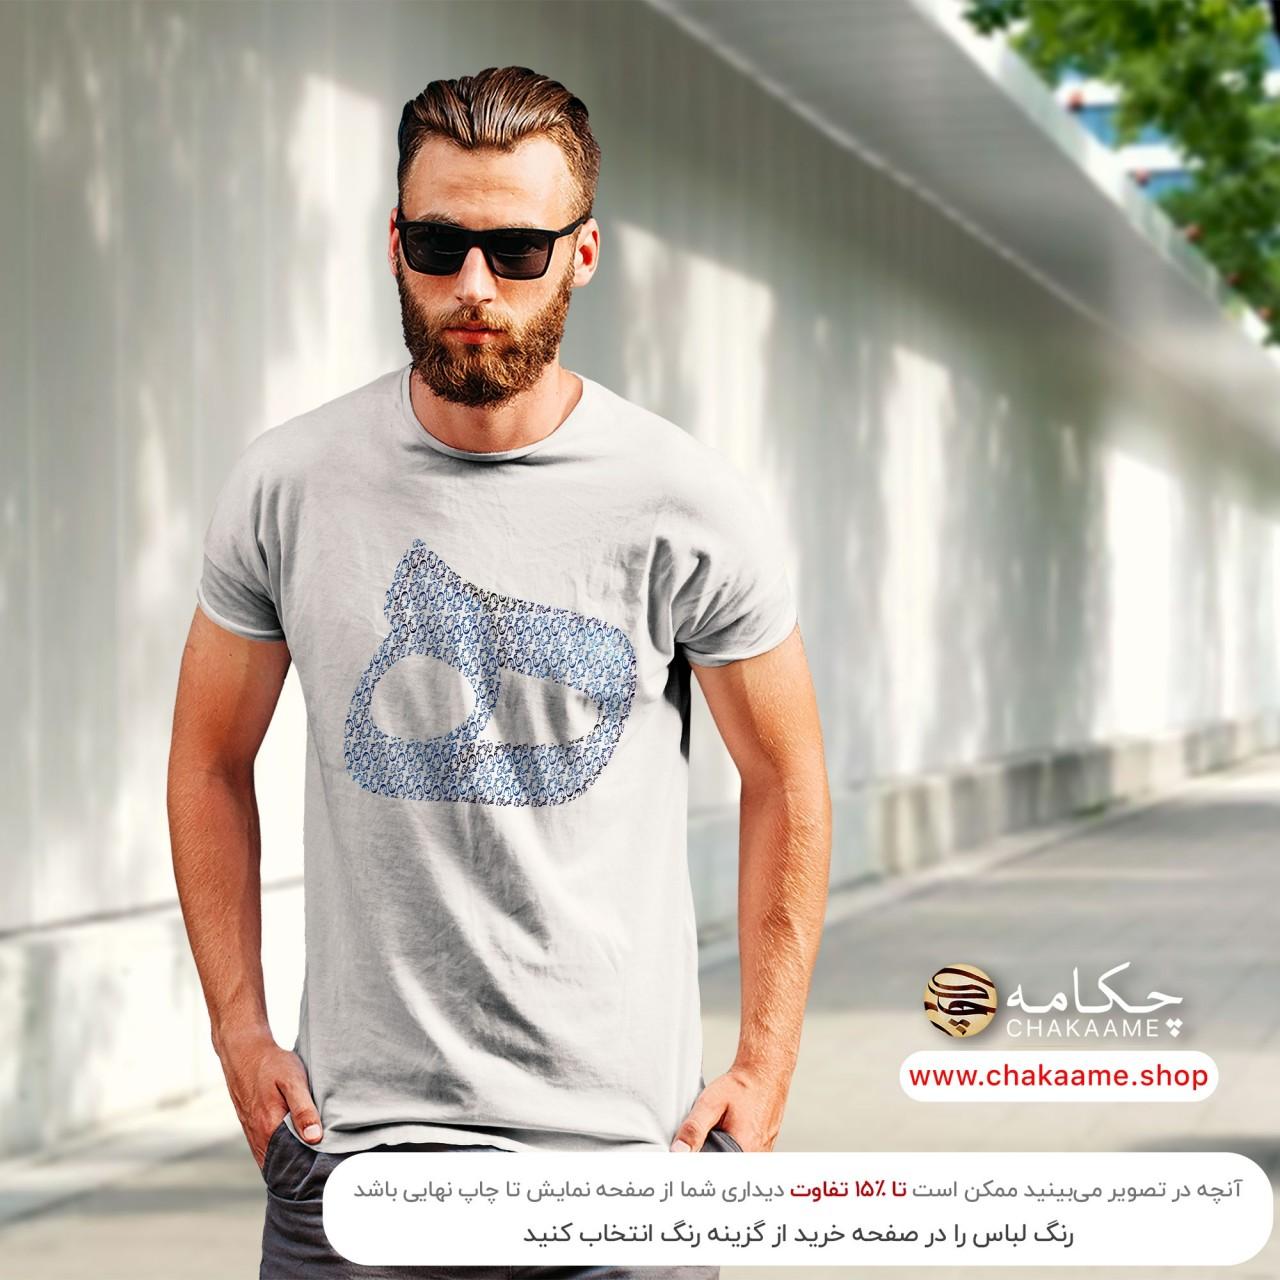 تی شرت طرح ه از هیچ